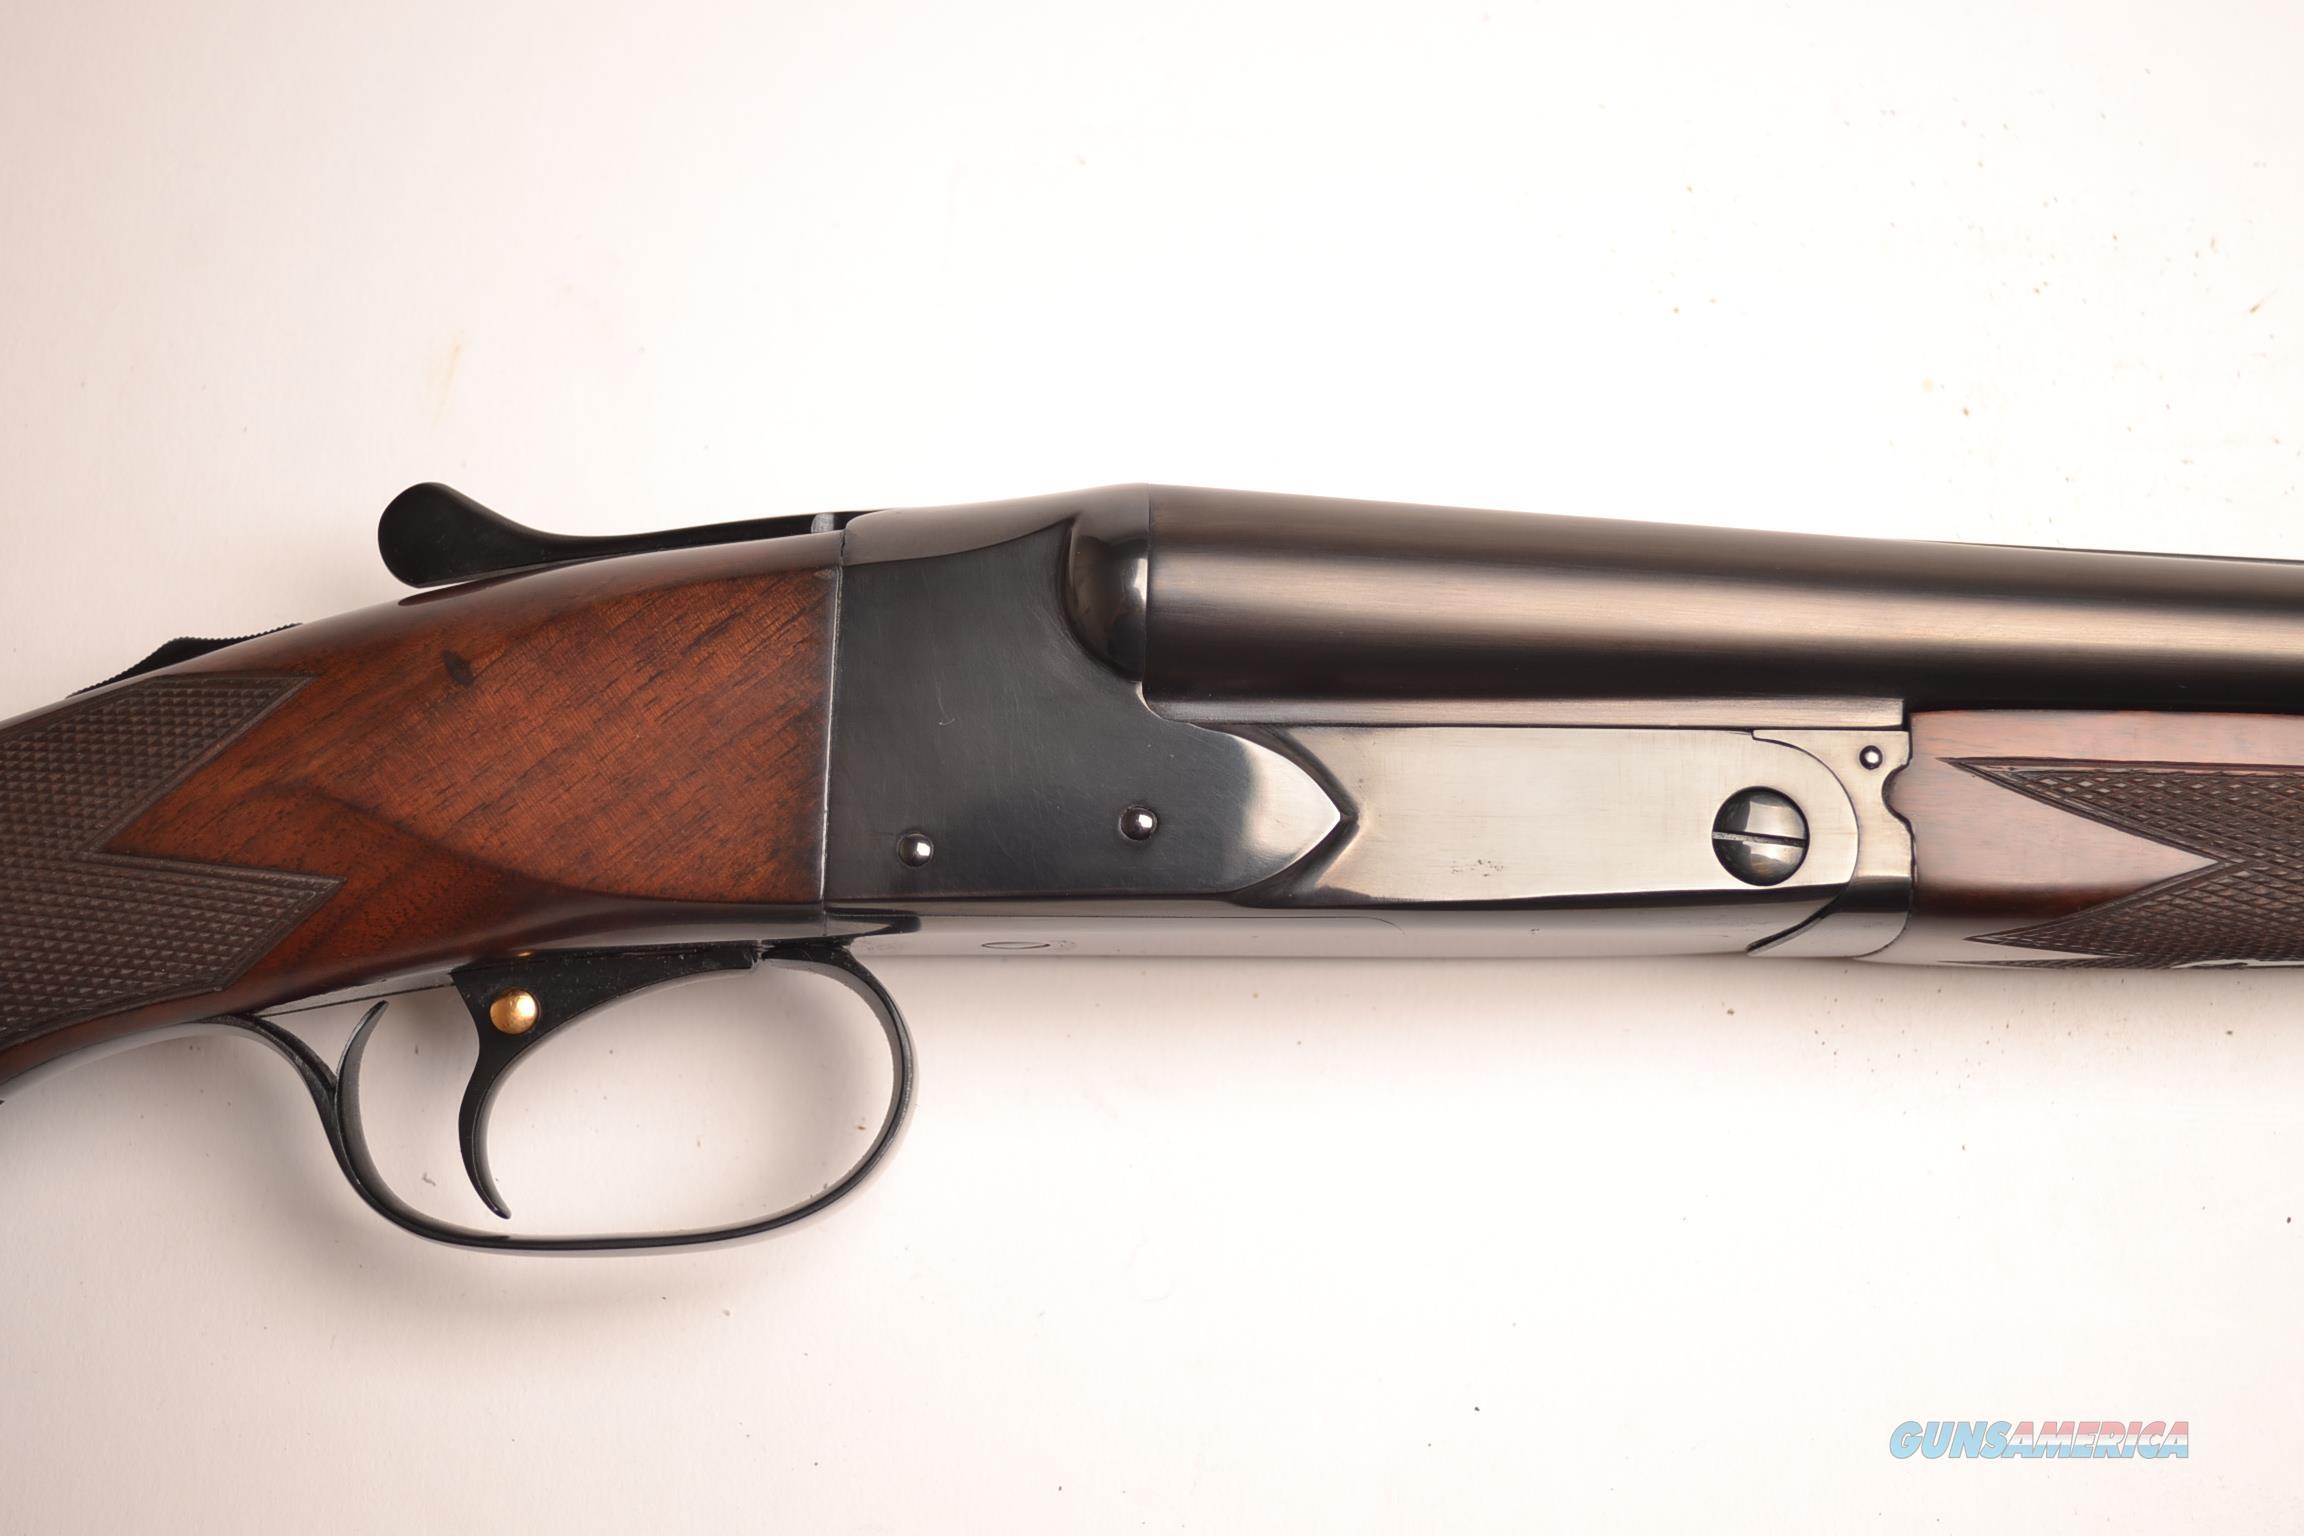 Winchester - Model 21, 20ga.  Guns > Shotguns > Winchester Shotguns - Modern > SxS